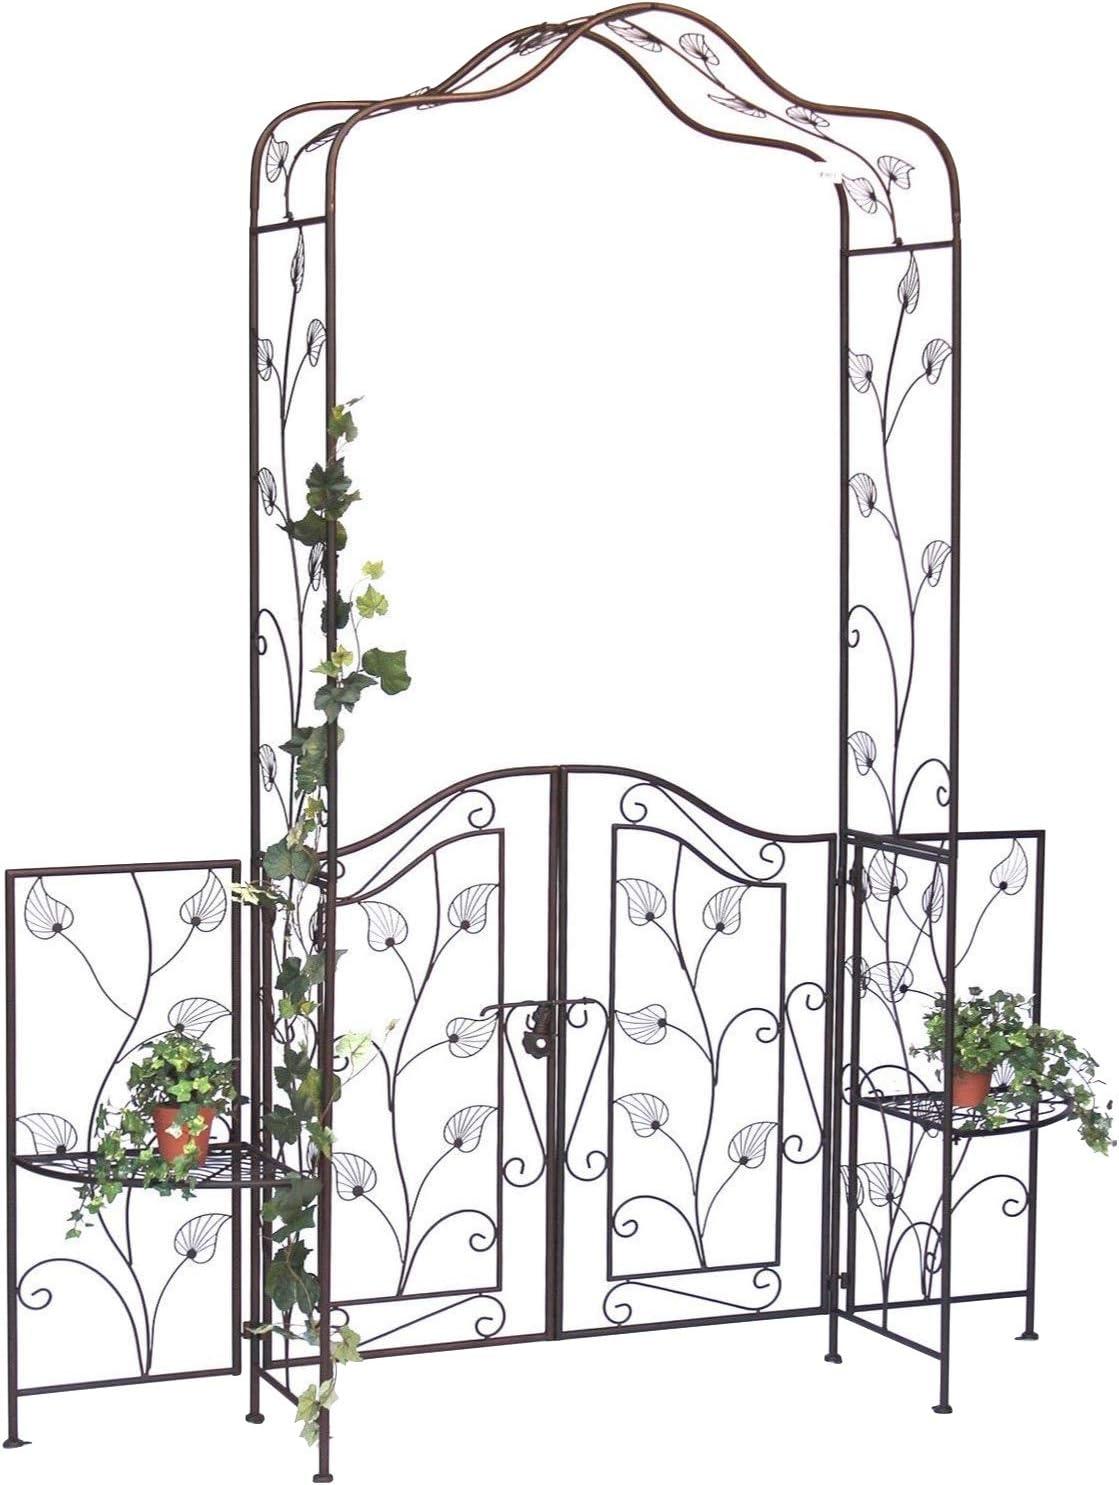 DanDiBo 101759 - Pérgola con Puerta (Metal, 236 x 186 cm, Hierro Forjado)